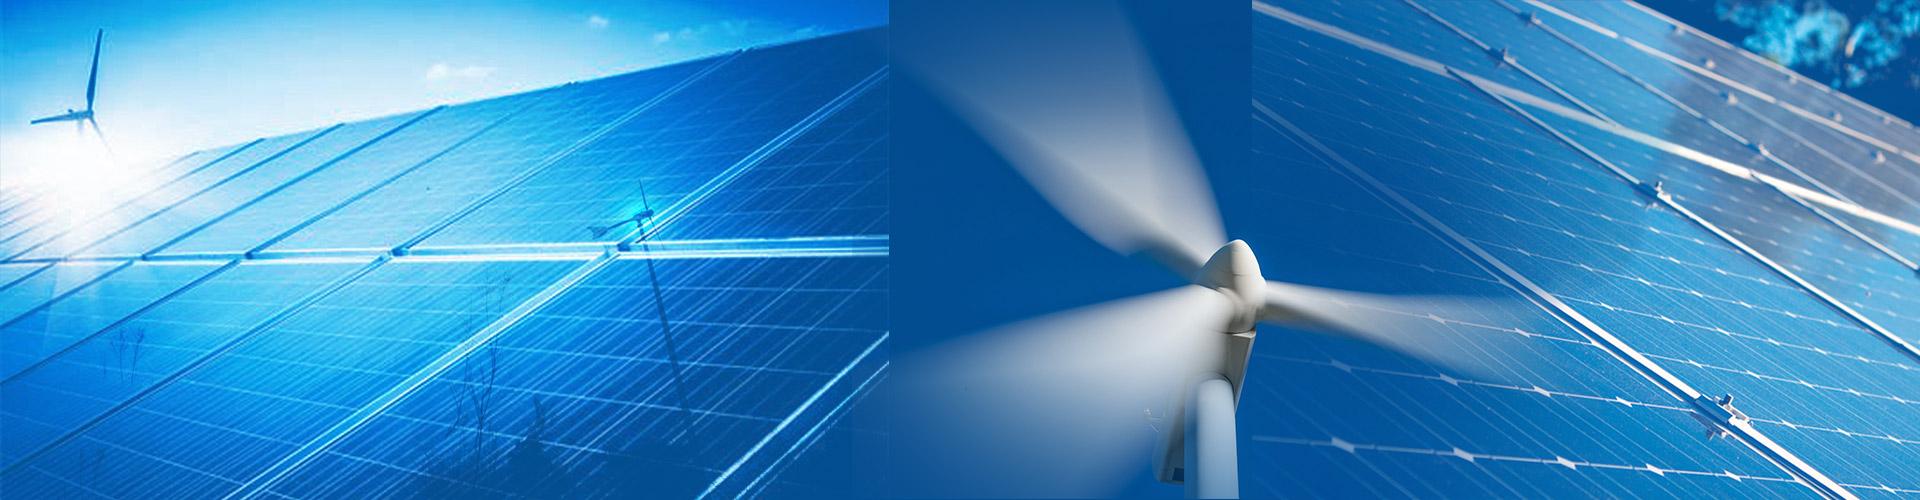 home energie renouvelable - Turbines éoliennes Enair 200 L - Turbines éoliennes Enair 200 L